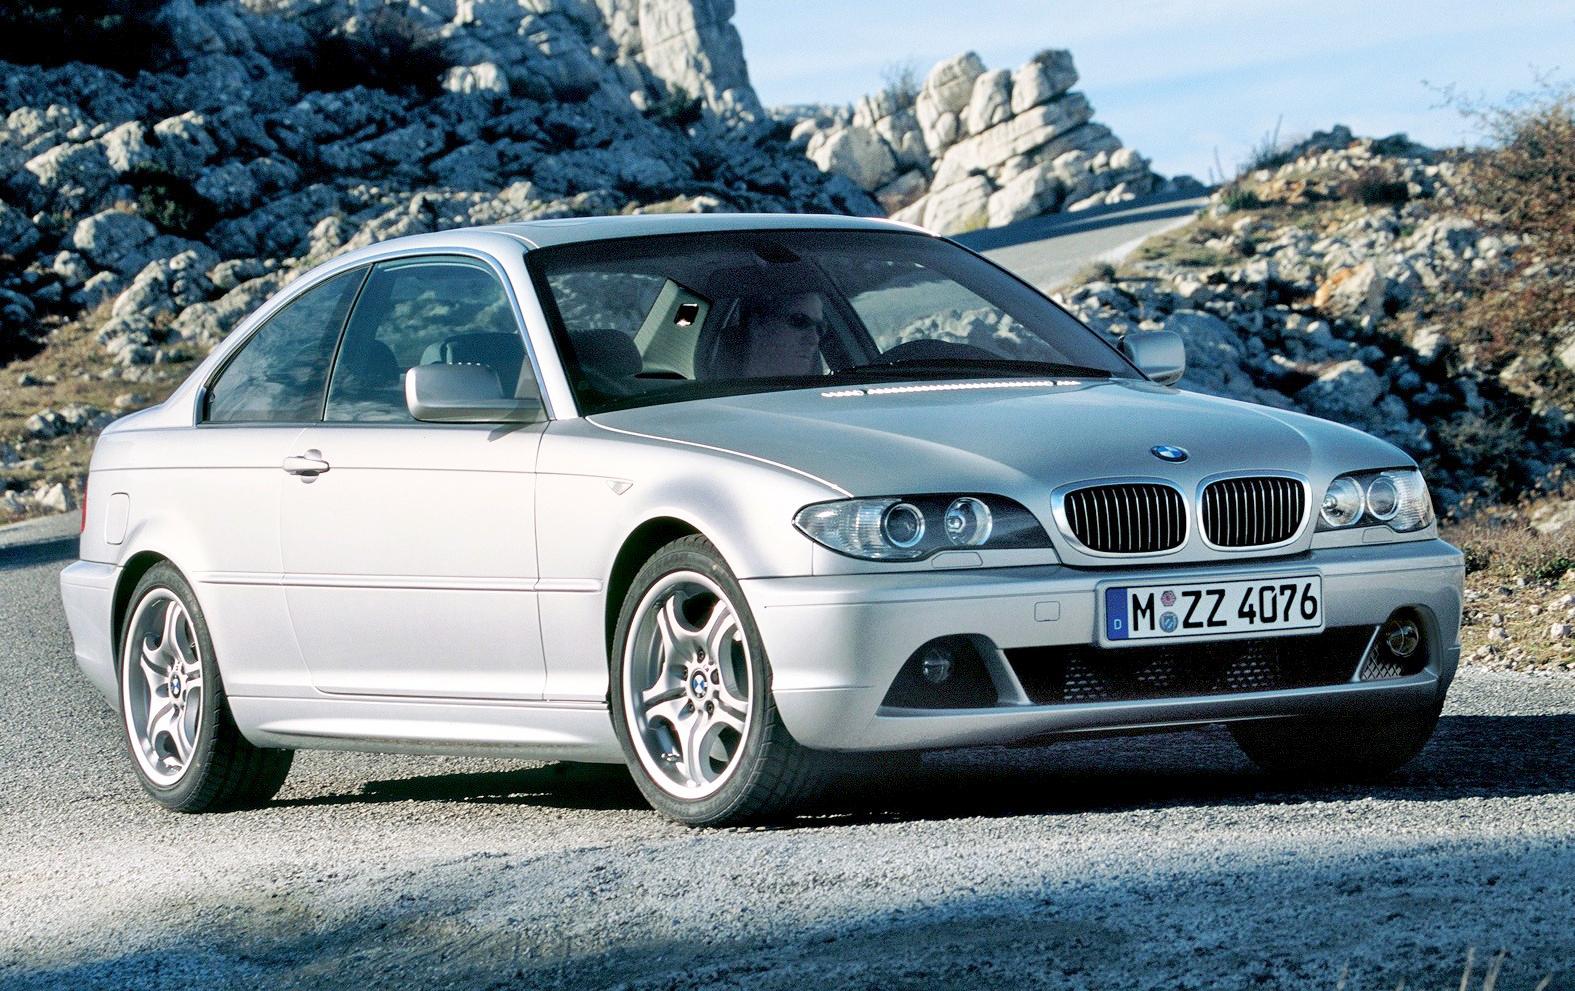 BMW 325 Coupe E46